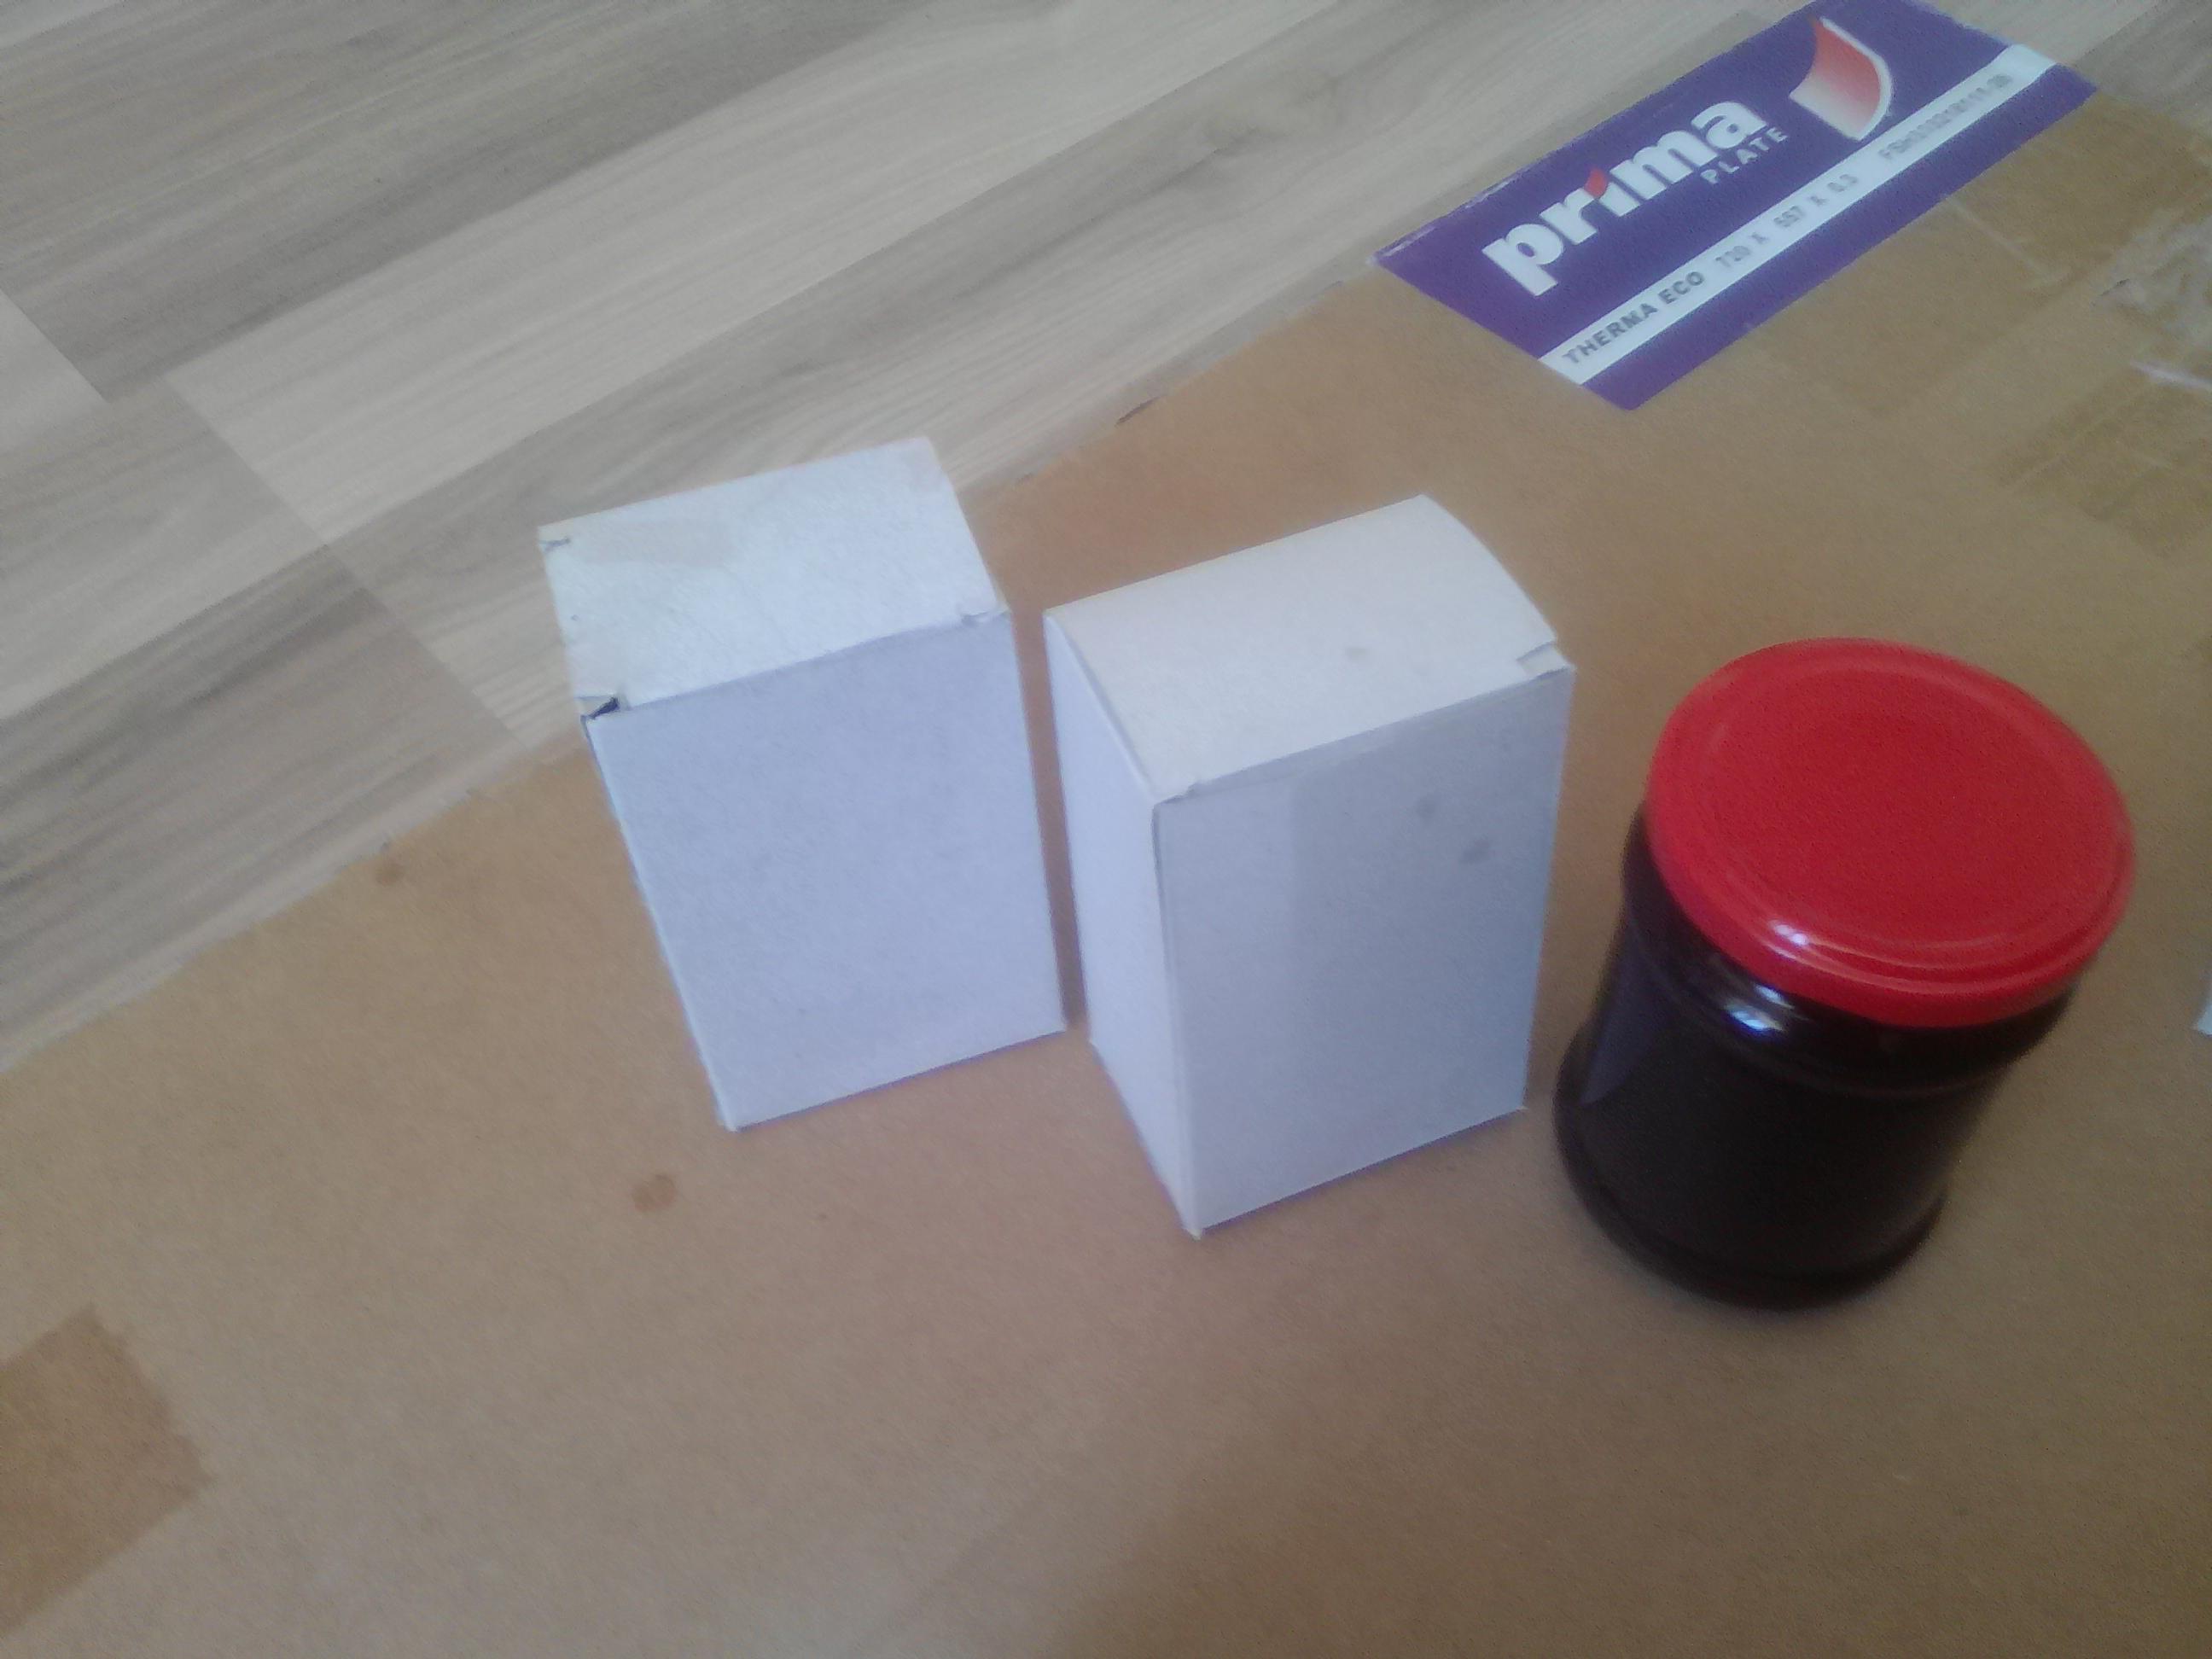 Дизайн подарочной-сувенирной коробки: с чаем и варением фото f_8735a522223860fd.jpg